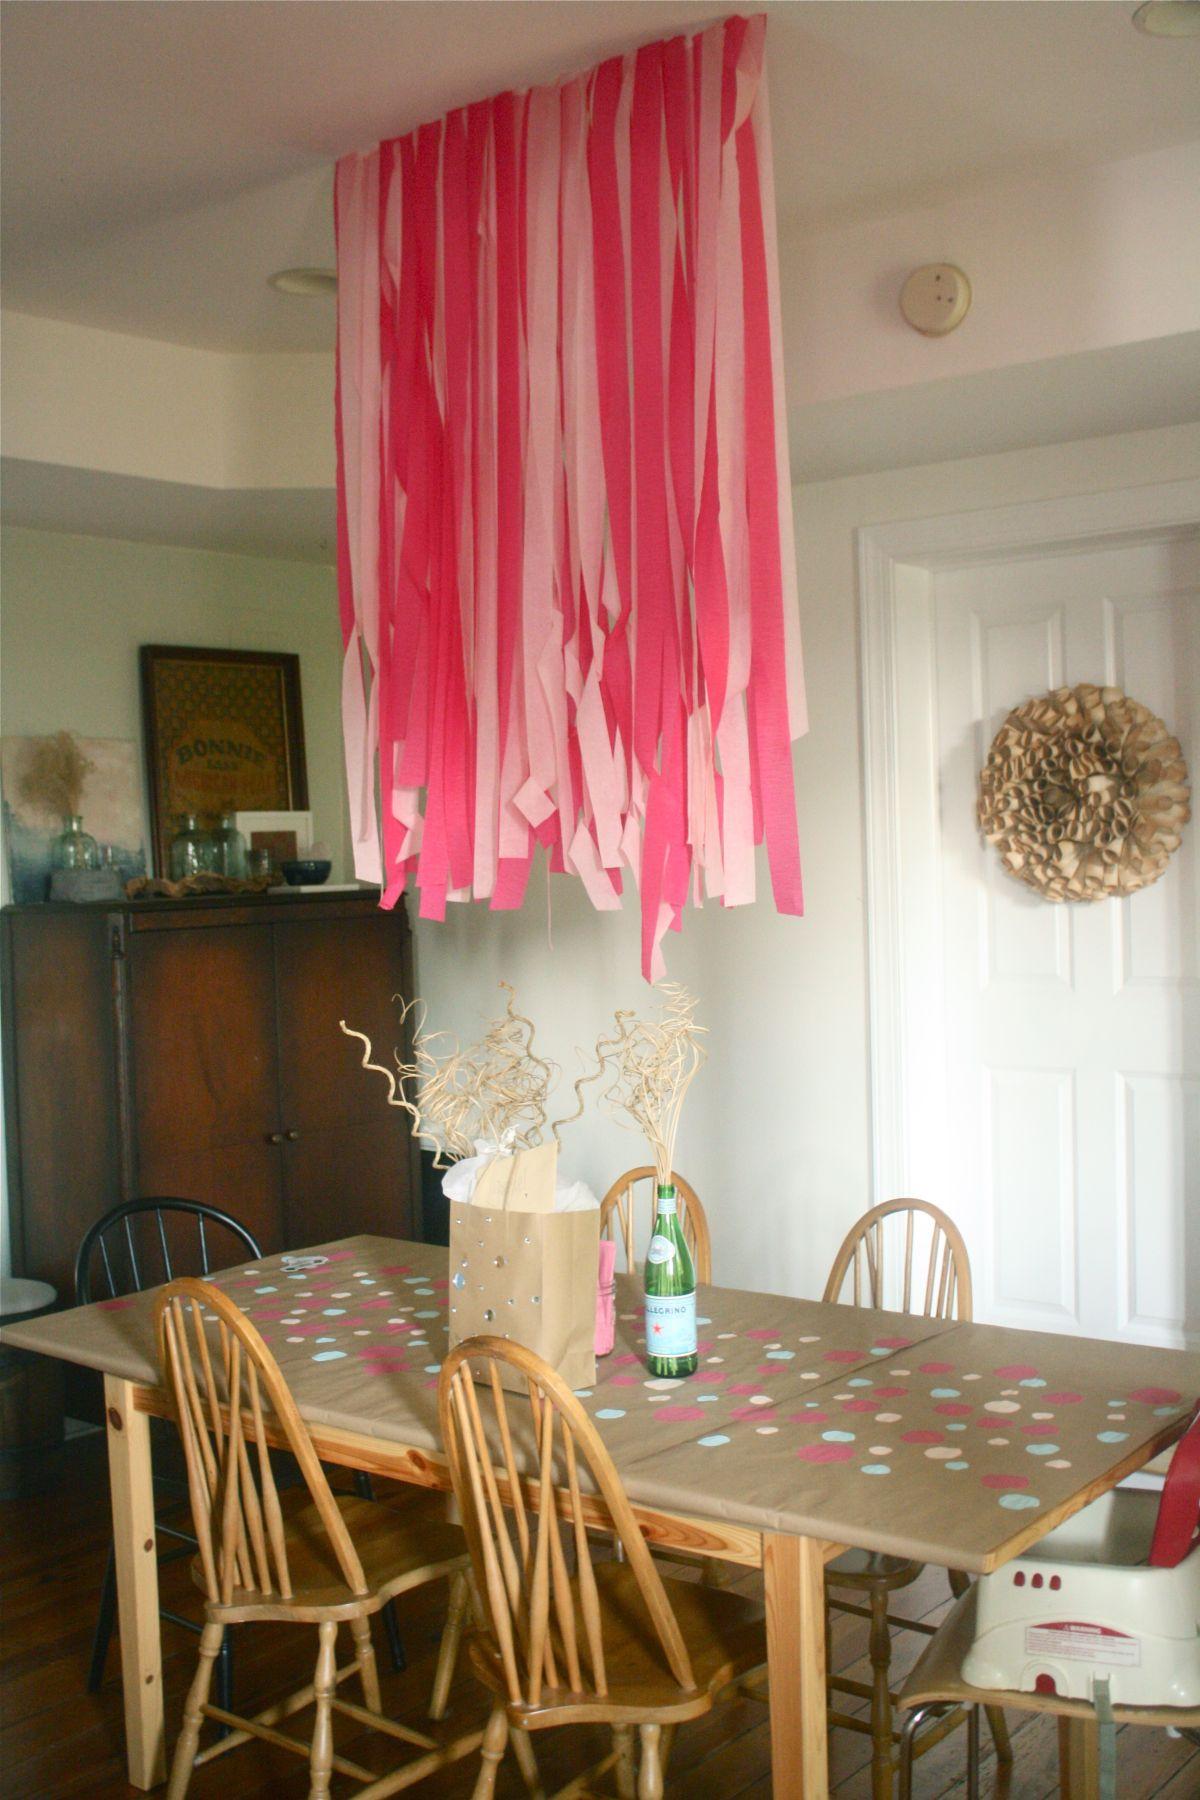 35 easy diy birthday decoration ideas